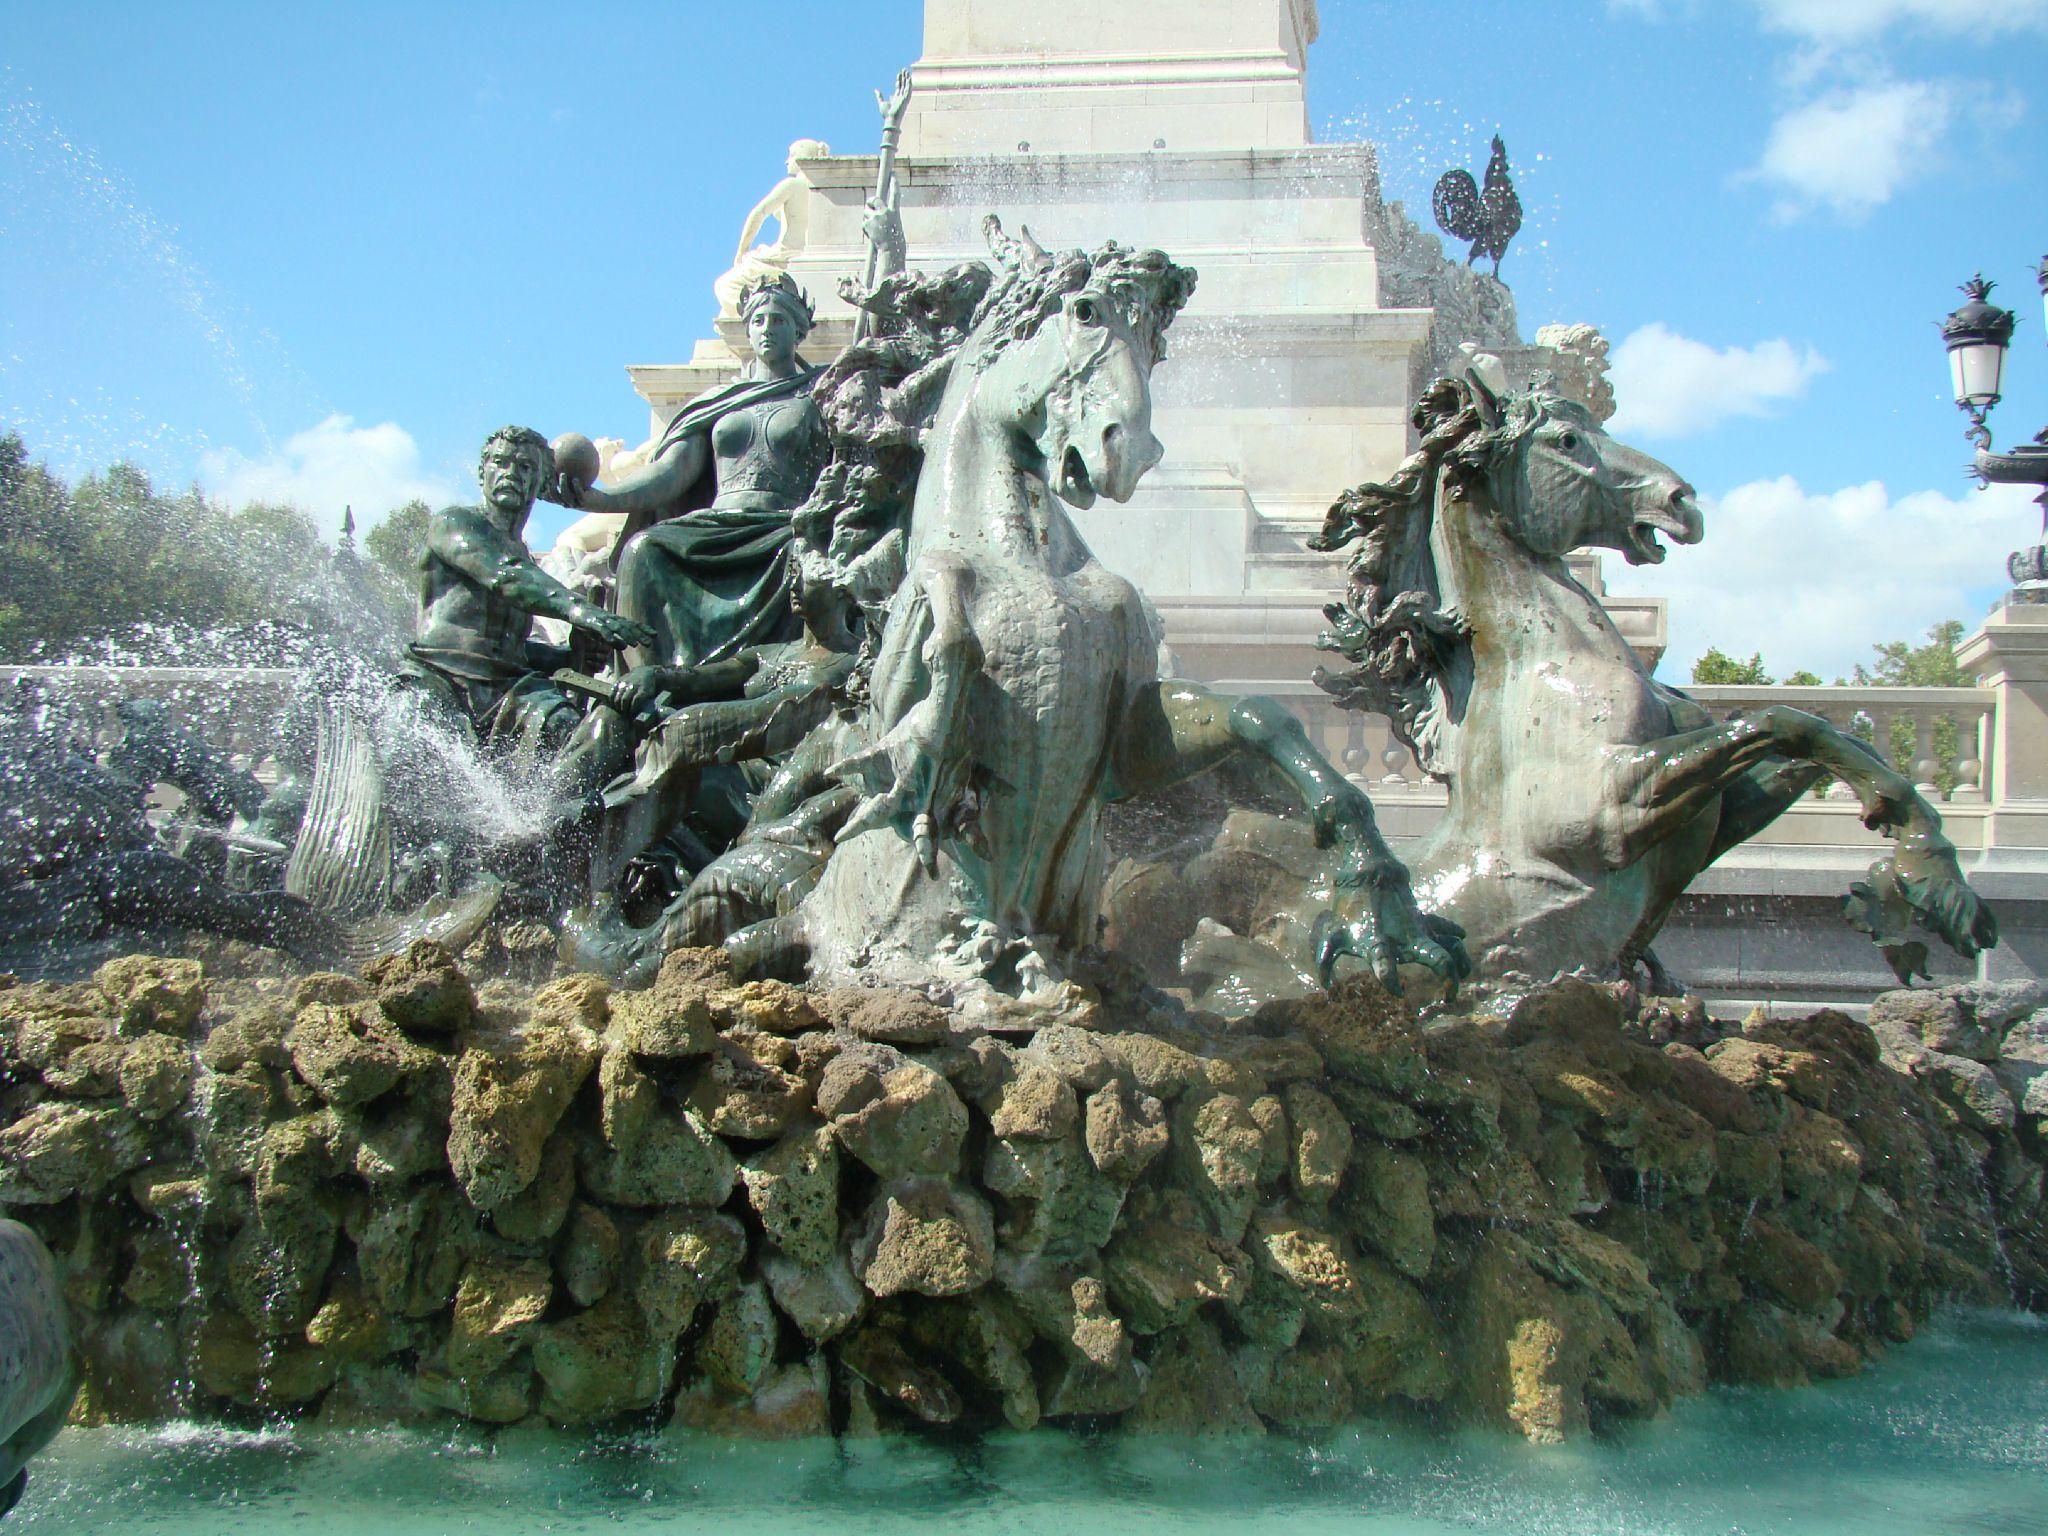 Le monument aux girondins et la r publique de bordeaux 1 grains de sel - Tablier de forgeron ...